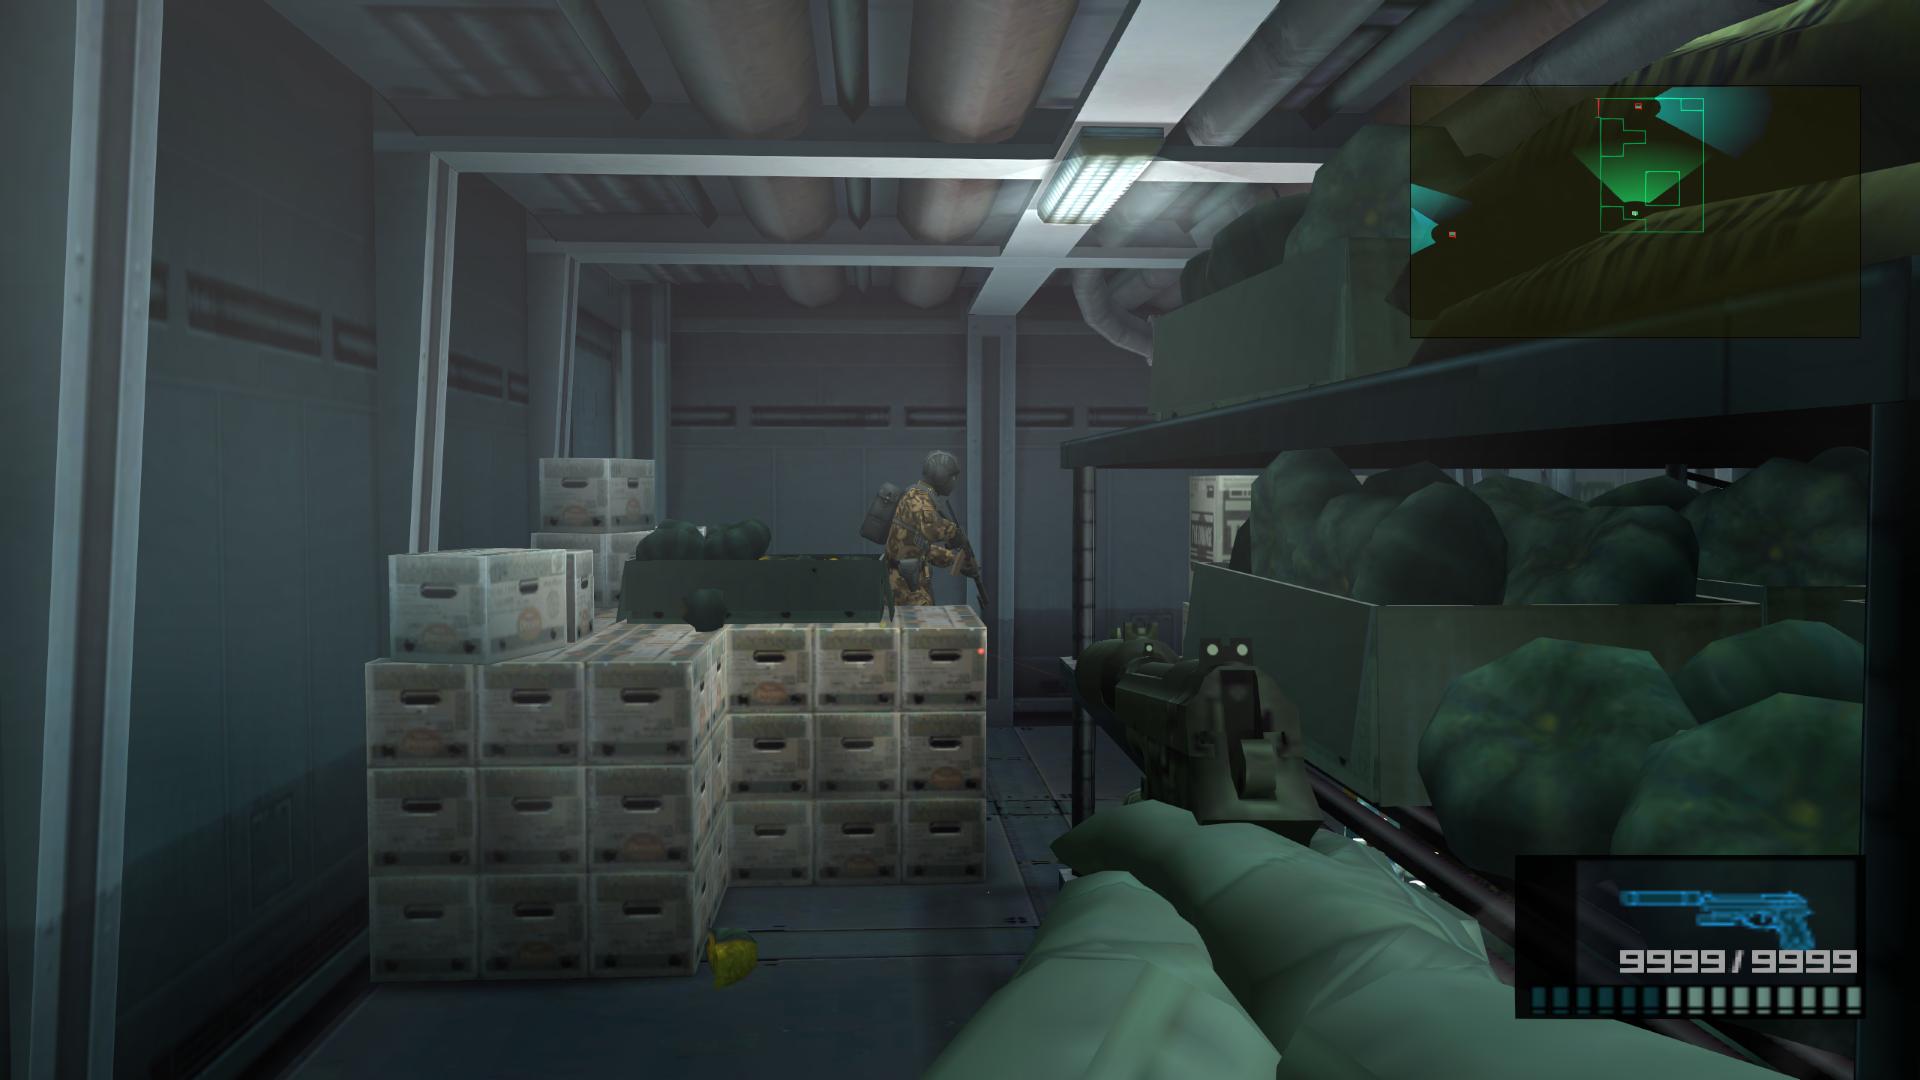 Serpiente a bordo del camión cisterna, evitando a los soldados.